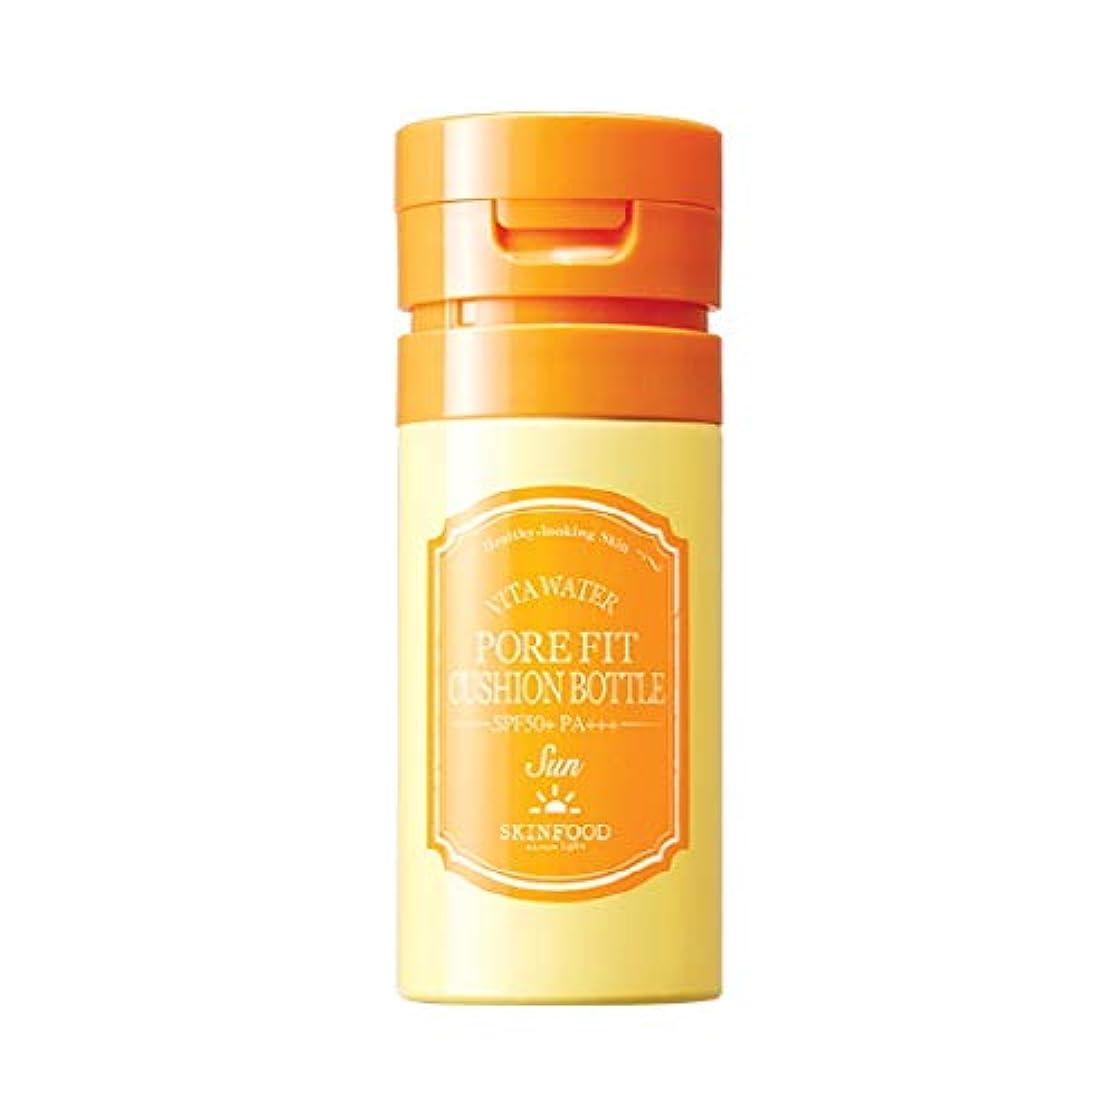 もつれ識別する退屈なSkinfood ポアフィットクッションボトル - サン/Pore Fit Cushion Bottle - Sun 120ml [並行輸入品]